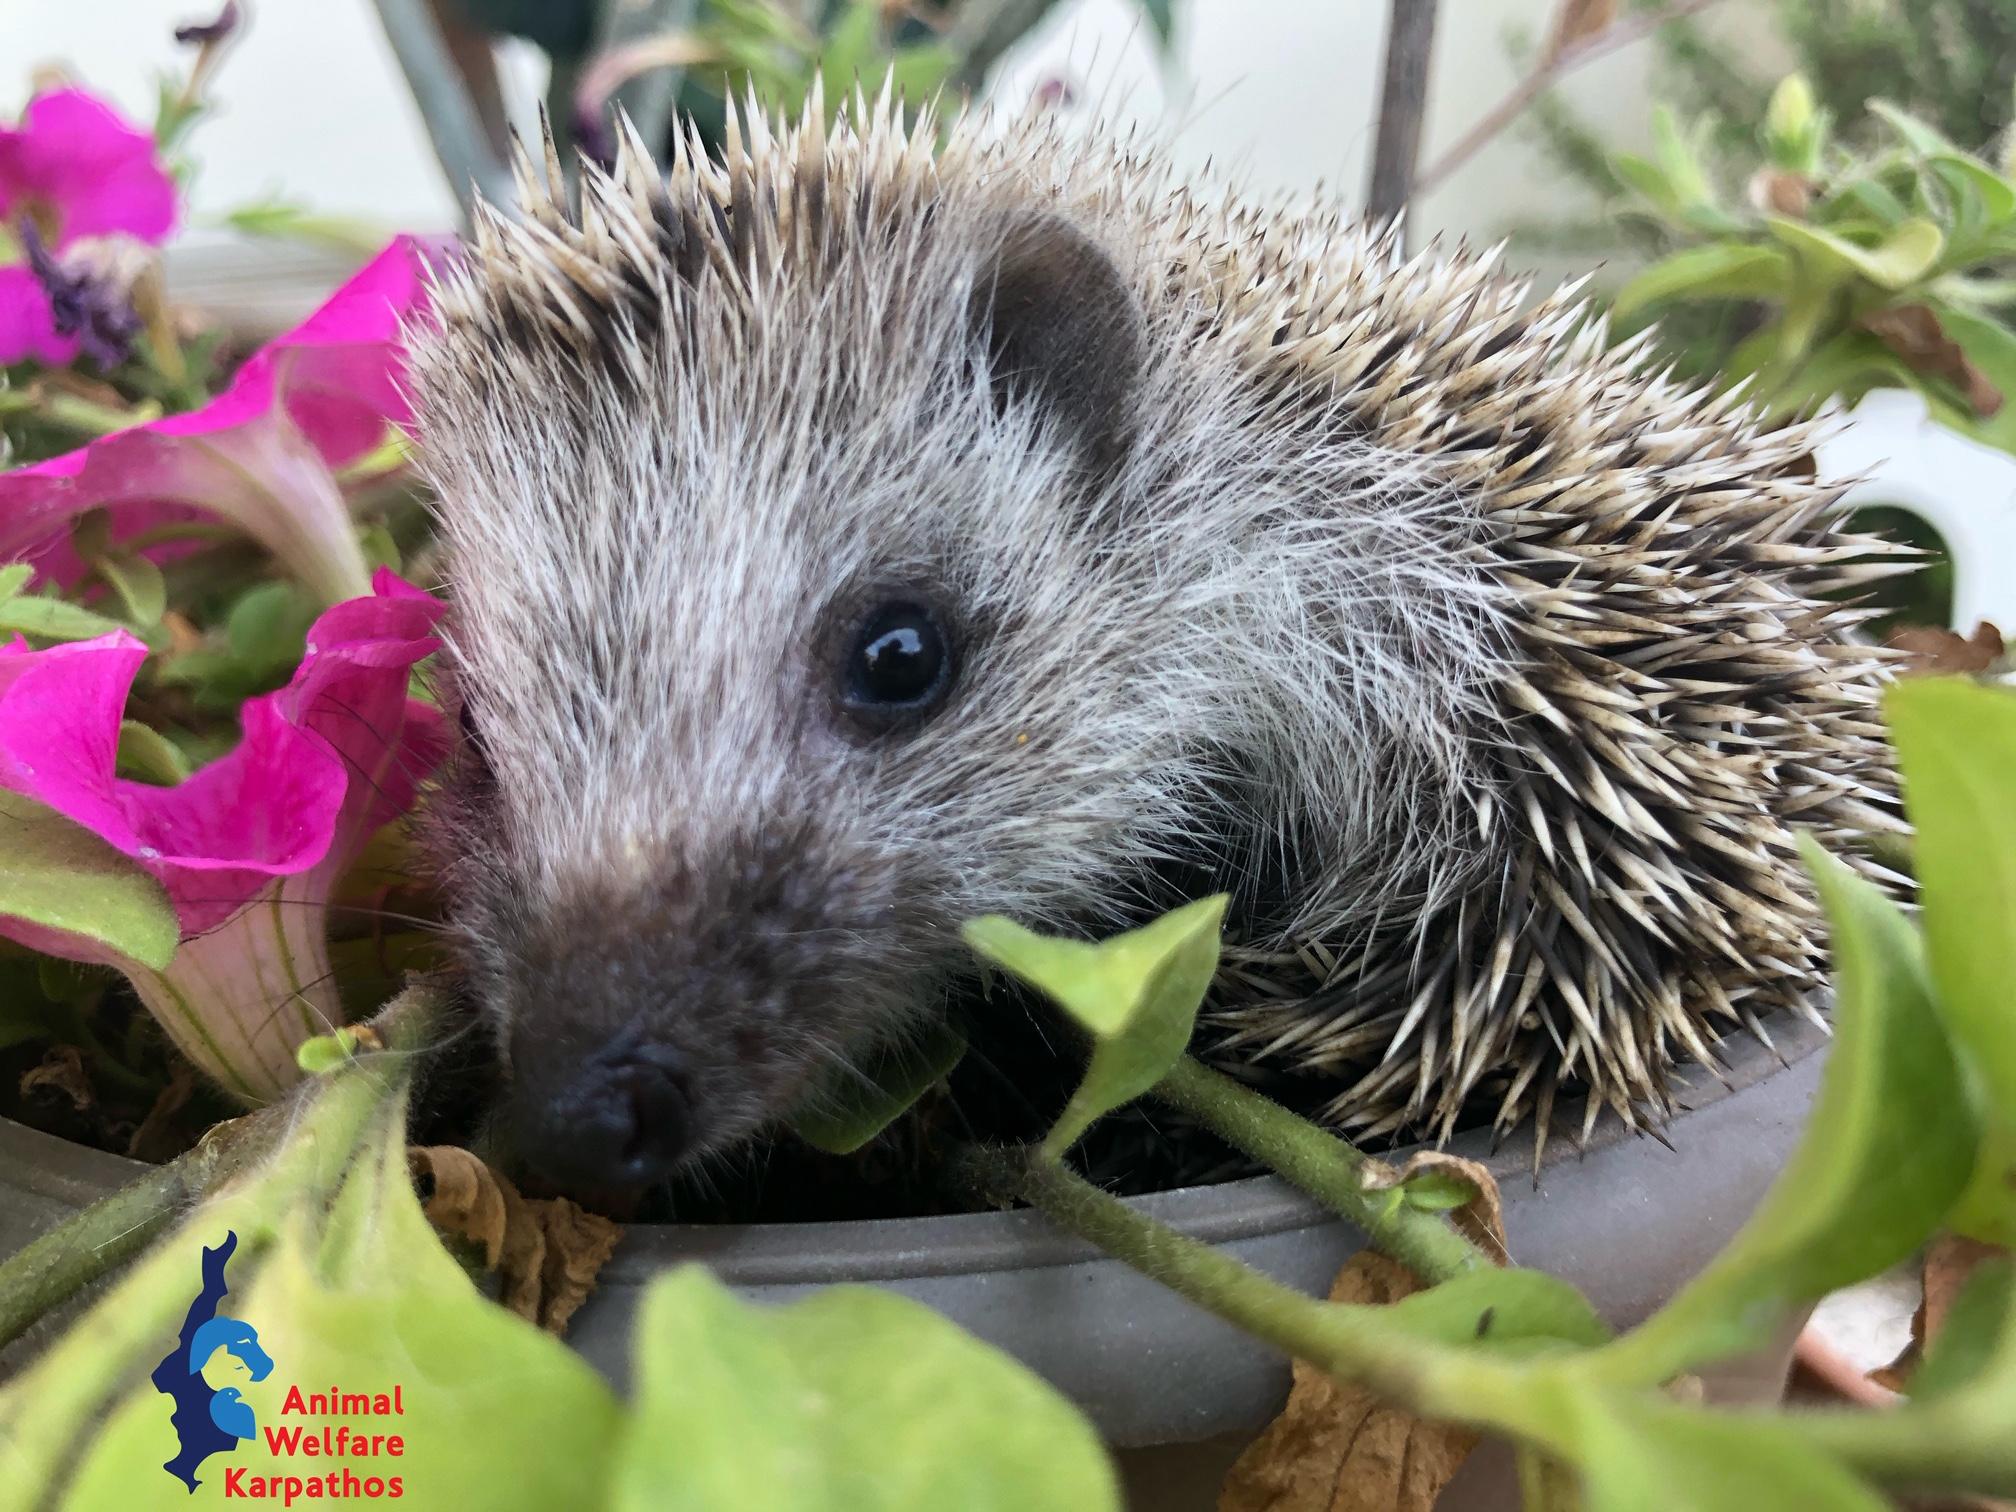 Η οργάνωση προσφέρει βοήθεια σε ολα τα είδη ζώων που έχουν ανάγκη·